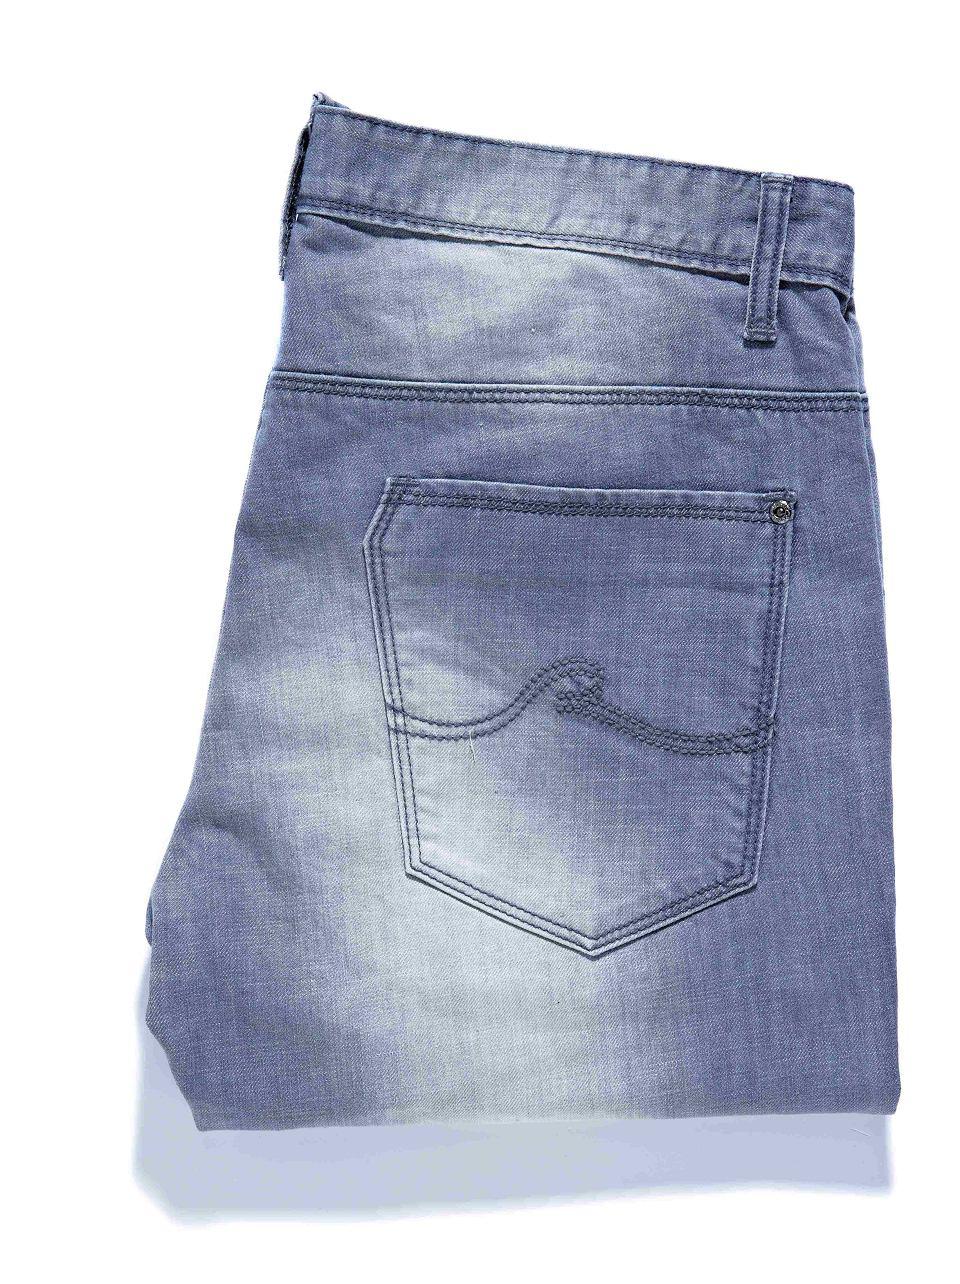 Zdjęcie numer 3 w galerii - Jasne dżinsy: zobacz najmodniejsze wzory